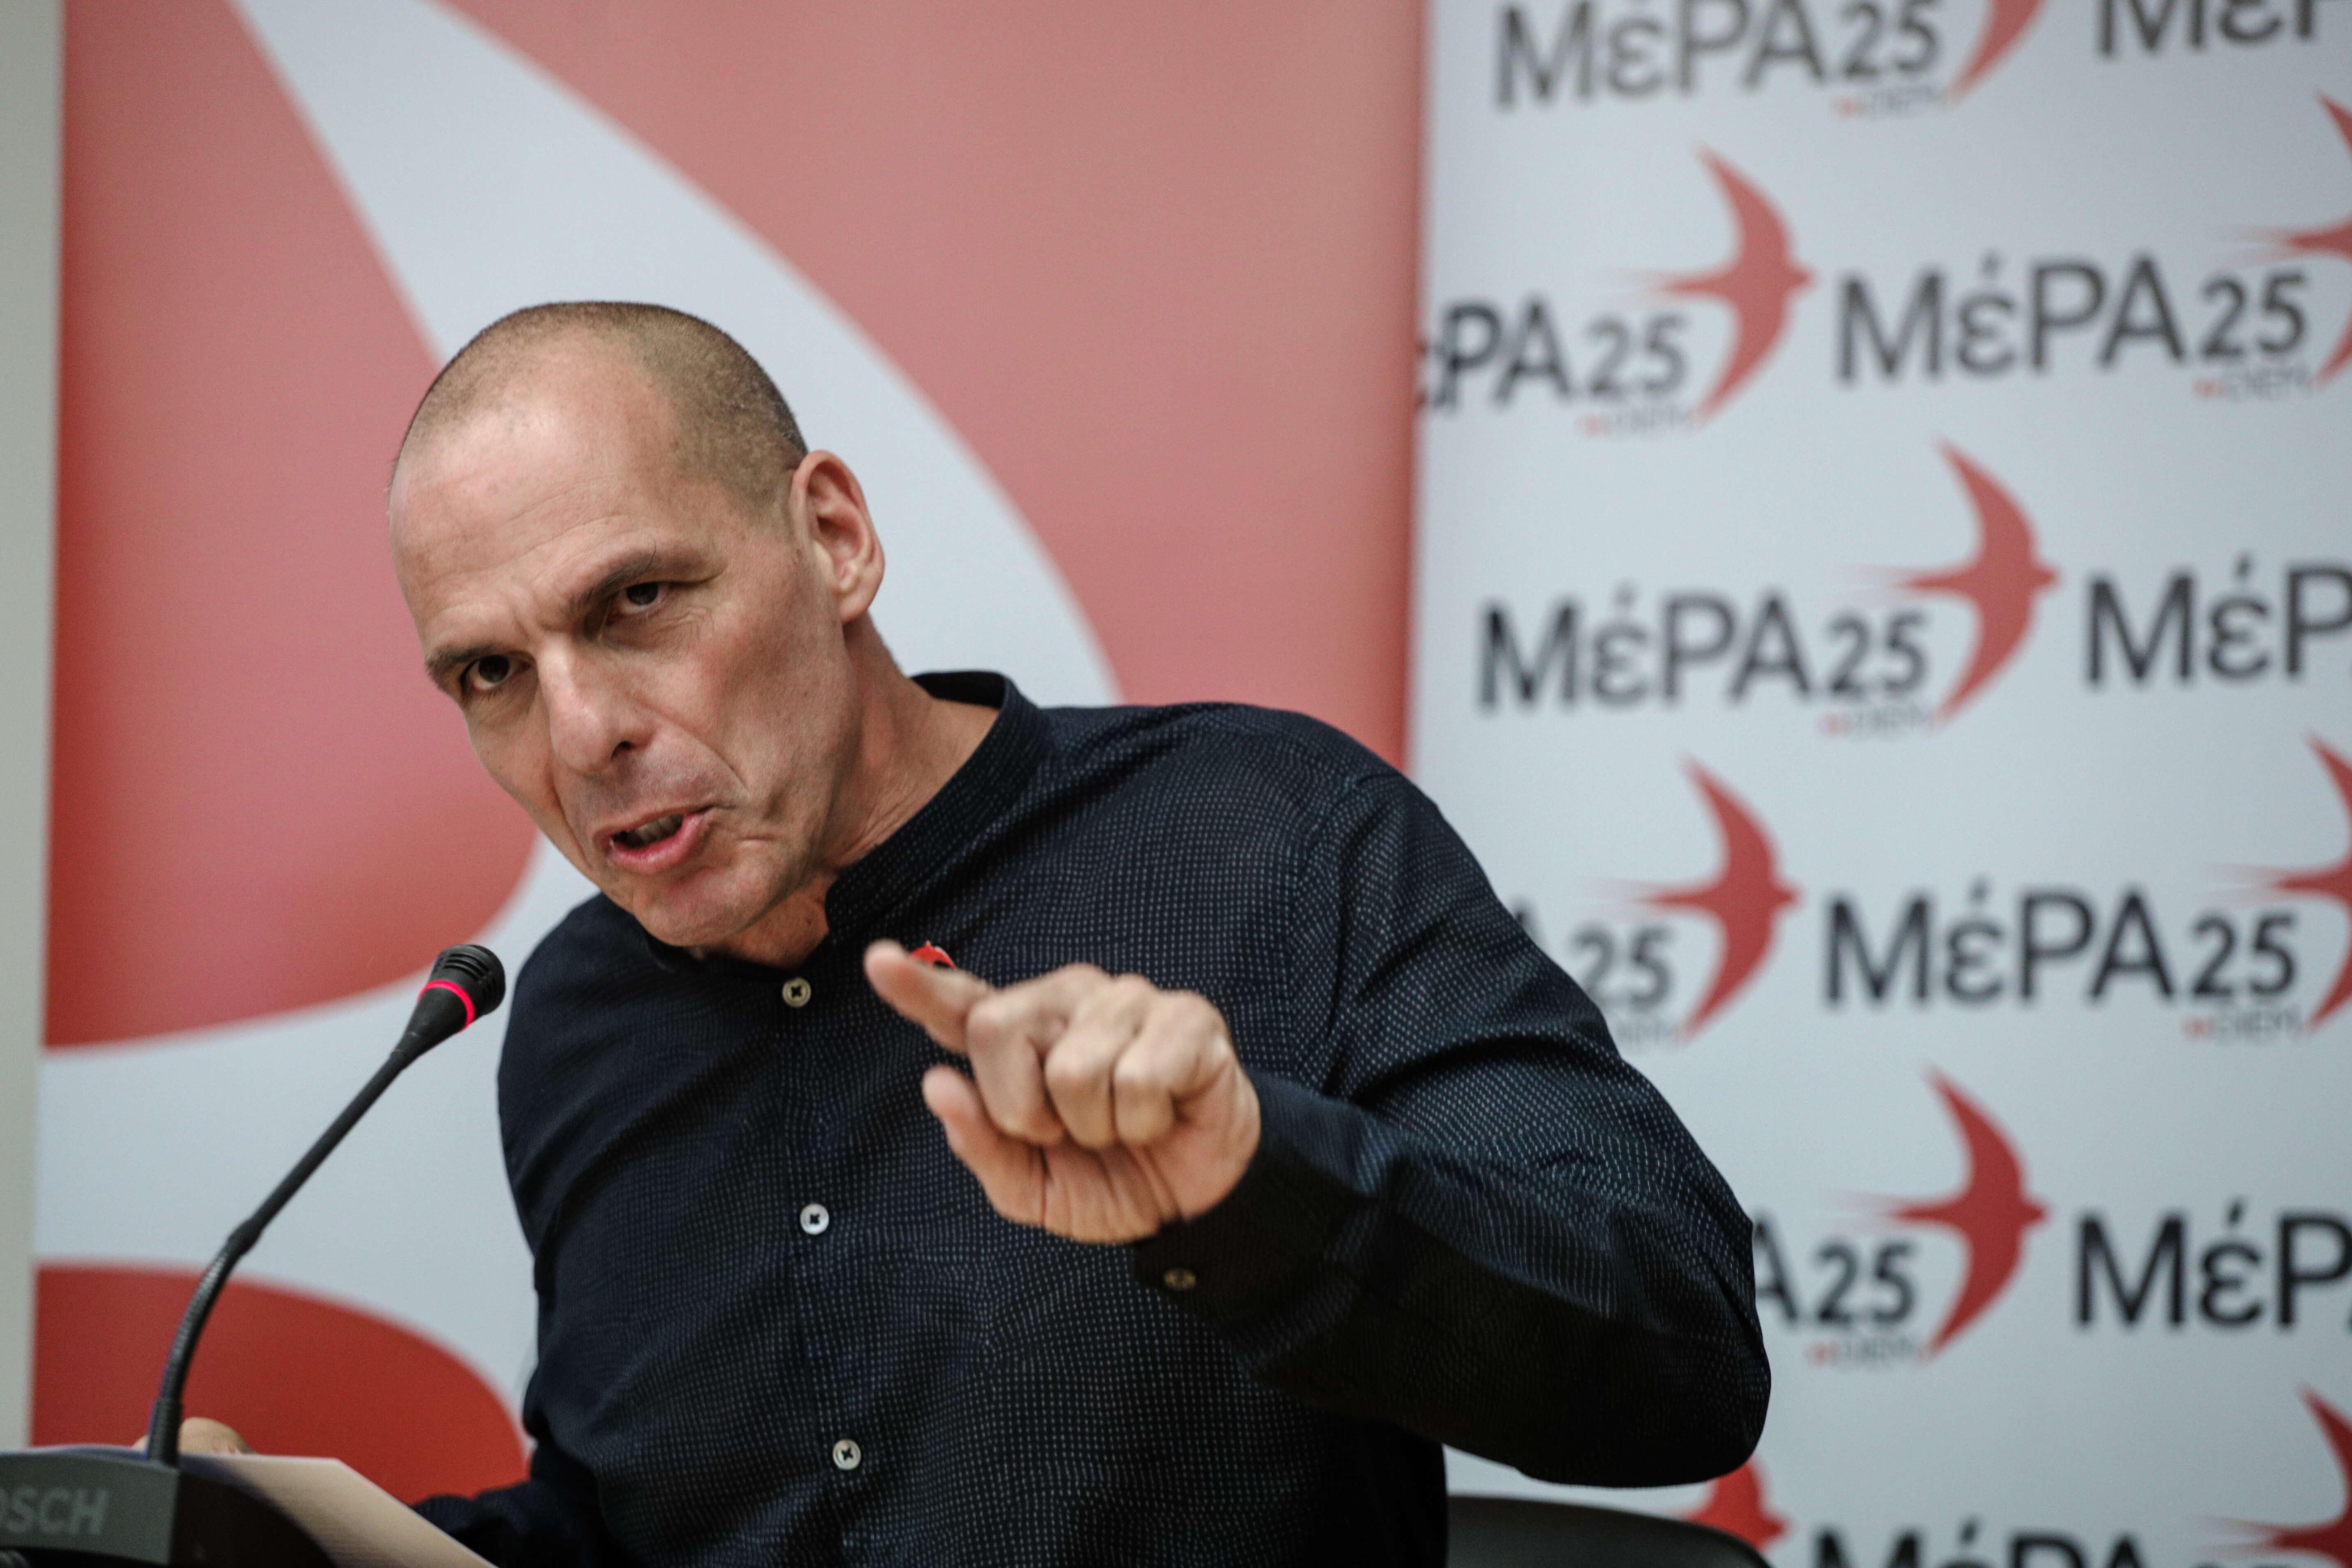 Γιάνης Βαρουφάκης: Δήλωση έκπληξη για το κόμμα που θα ήθελε να ψηφίσει